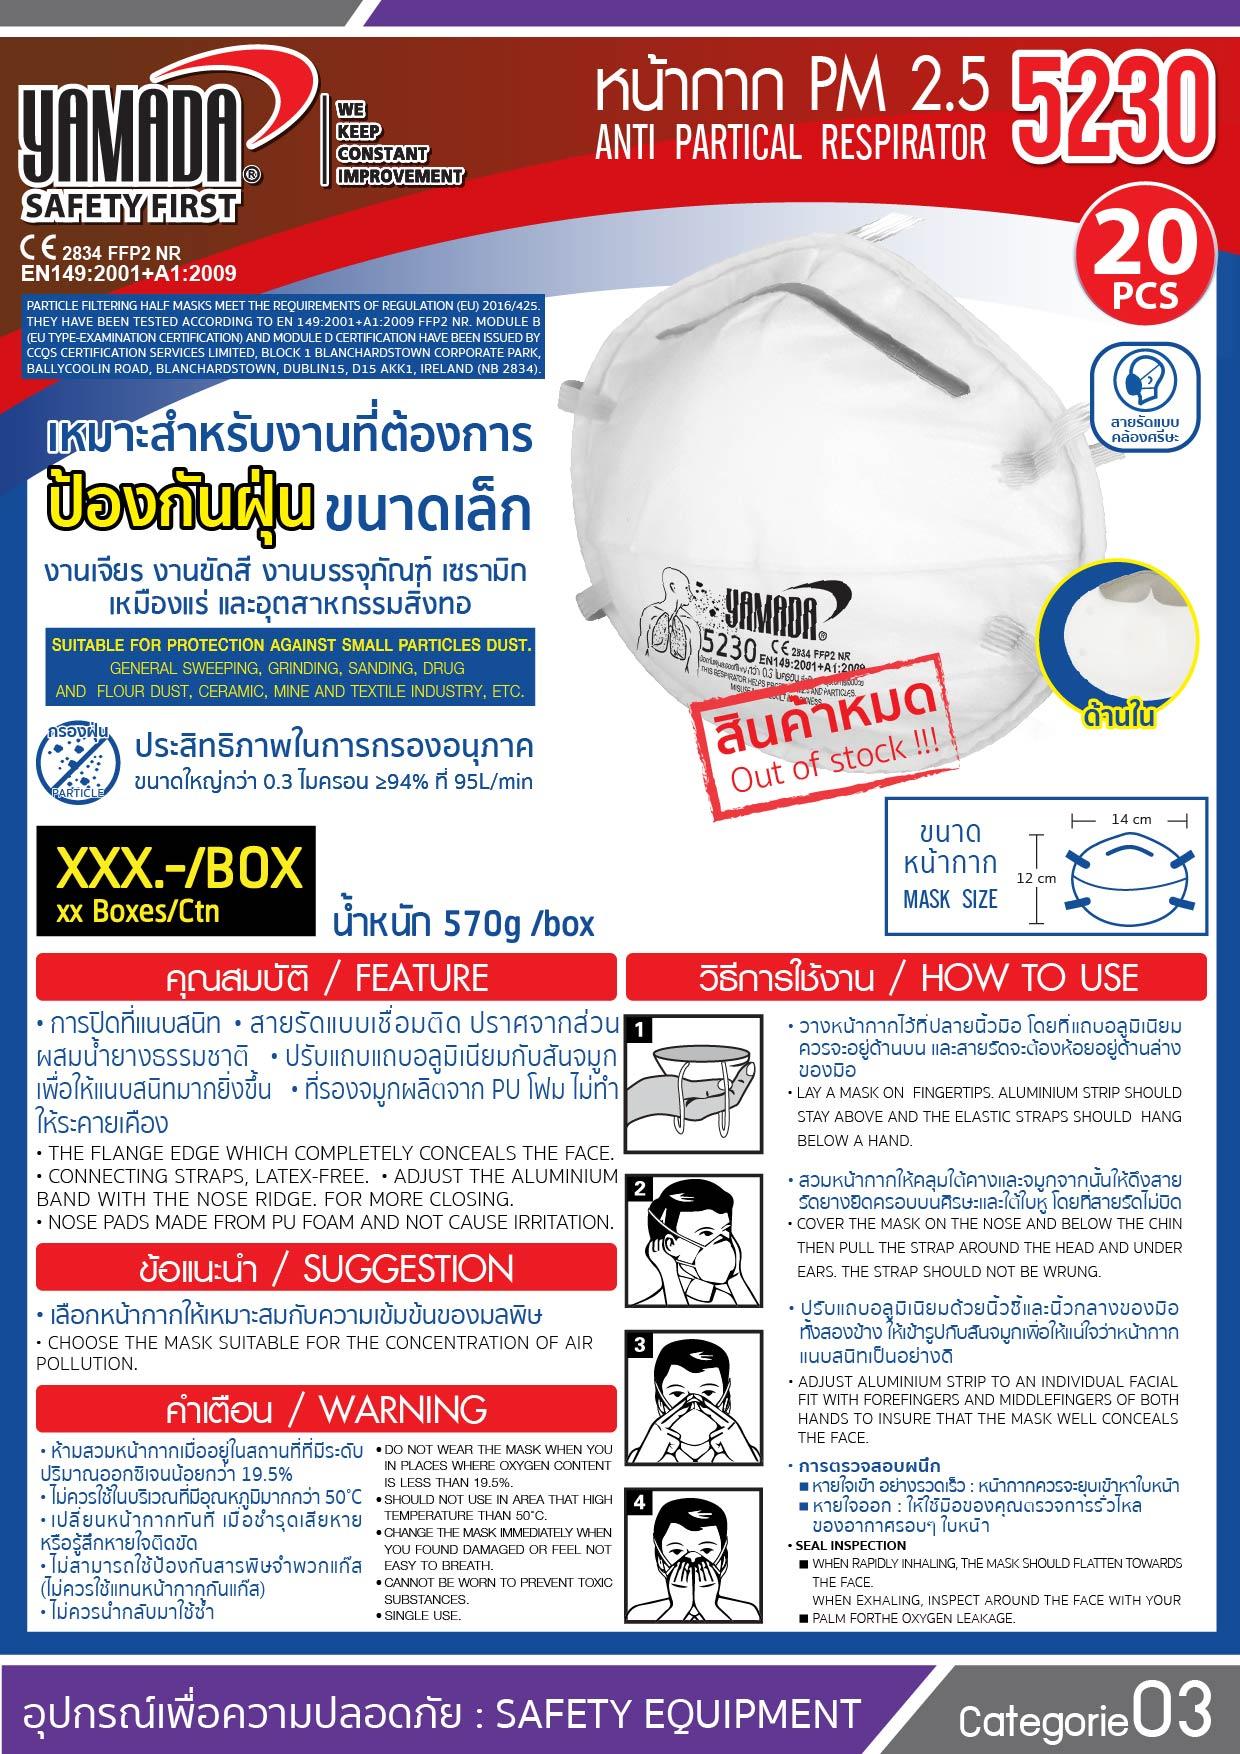 (8/14) หน้ากาก PM2.5 - 5230